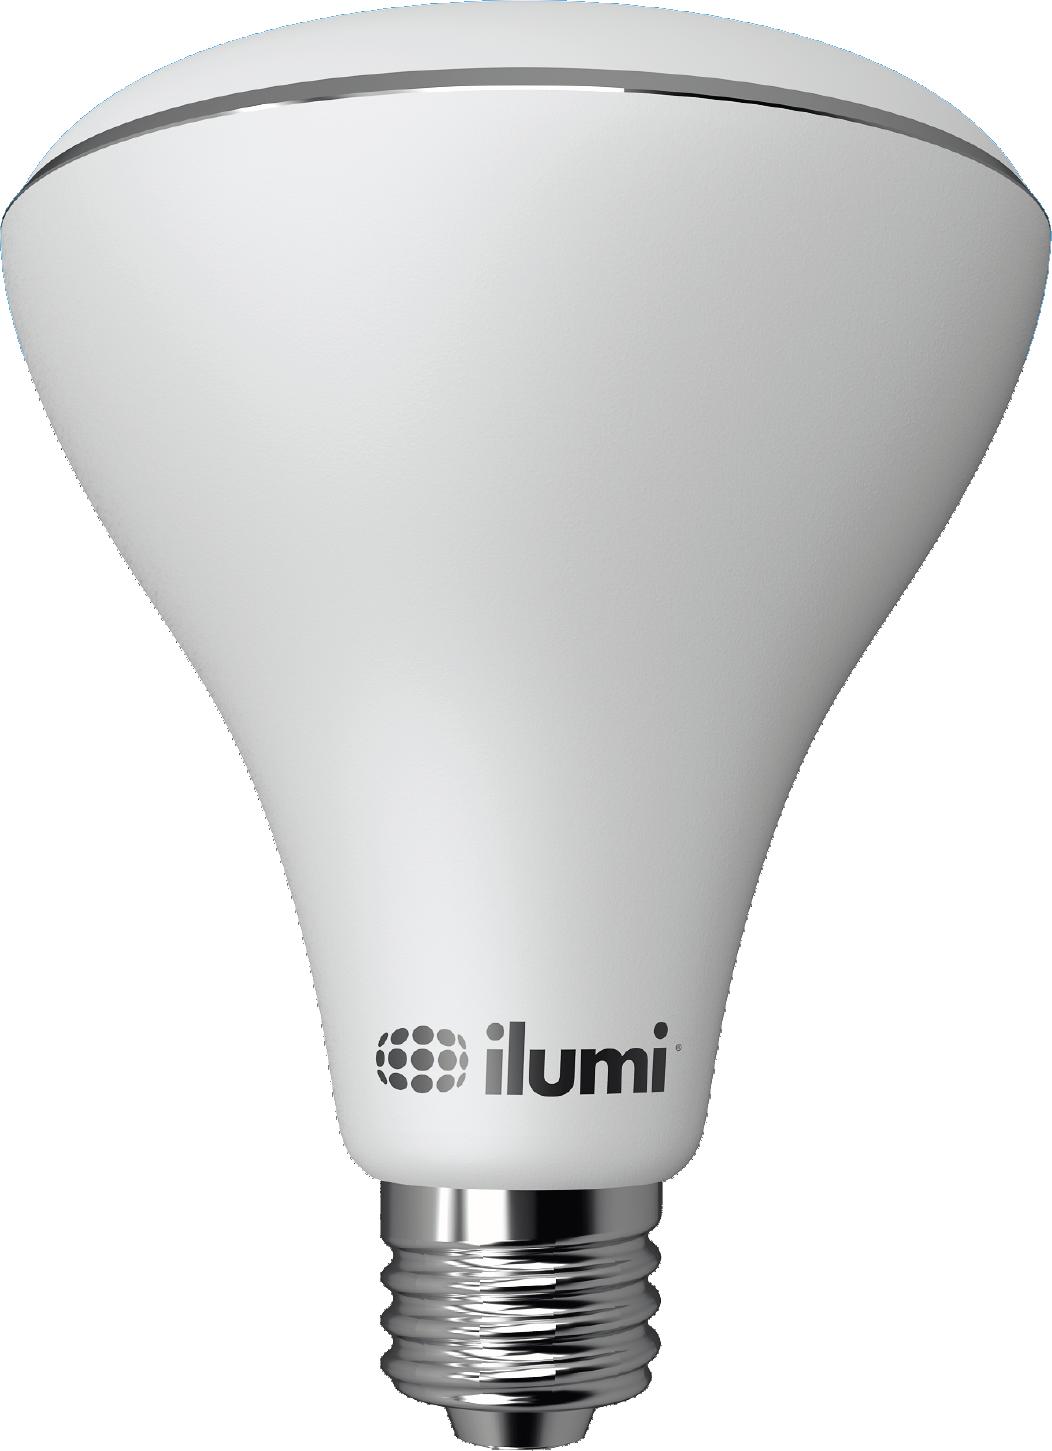 Indoor Br30 Flood Led Smart Light Bulb Light Bulb Bluetooth And Bulbs